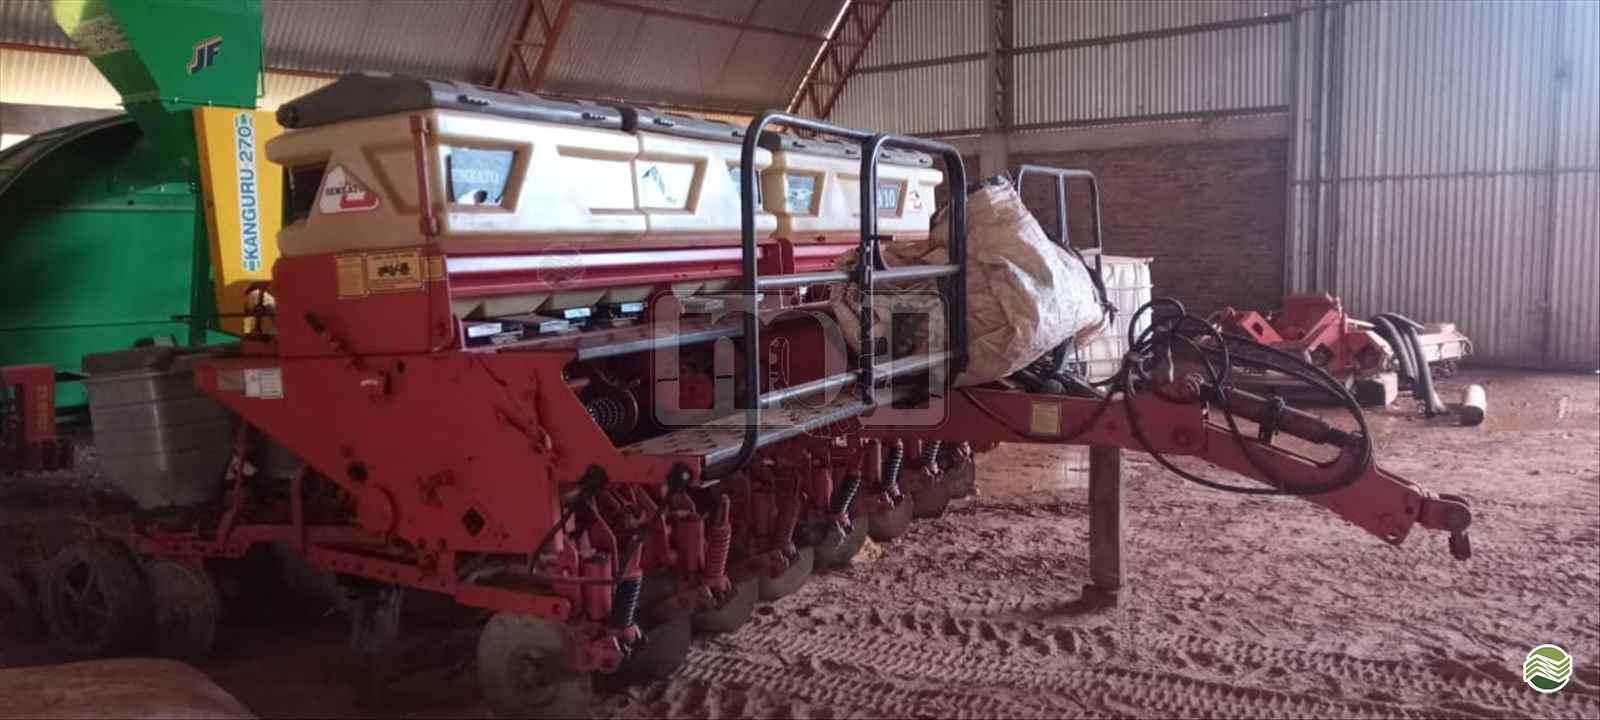 PLANTADEIRA SEMEATO SEMEATO PS 09 Moi Maquinas e Implementos Agricolas PORTO NACIONAL TOCANTINS TO